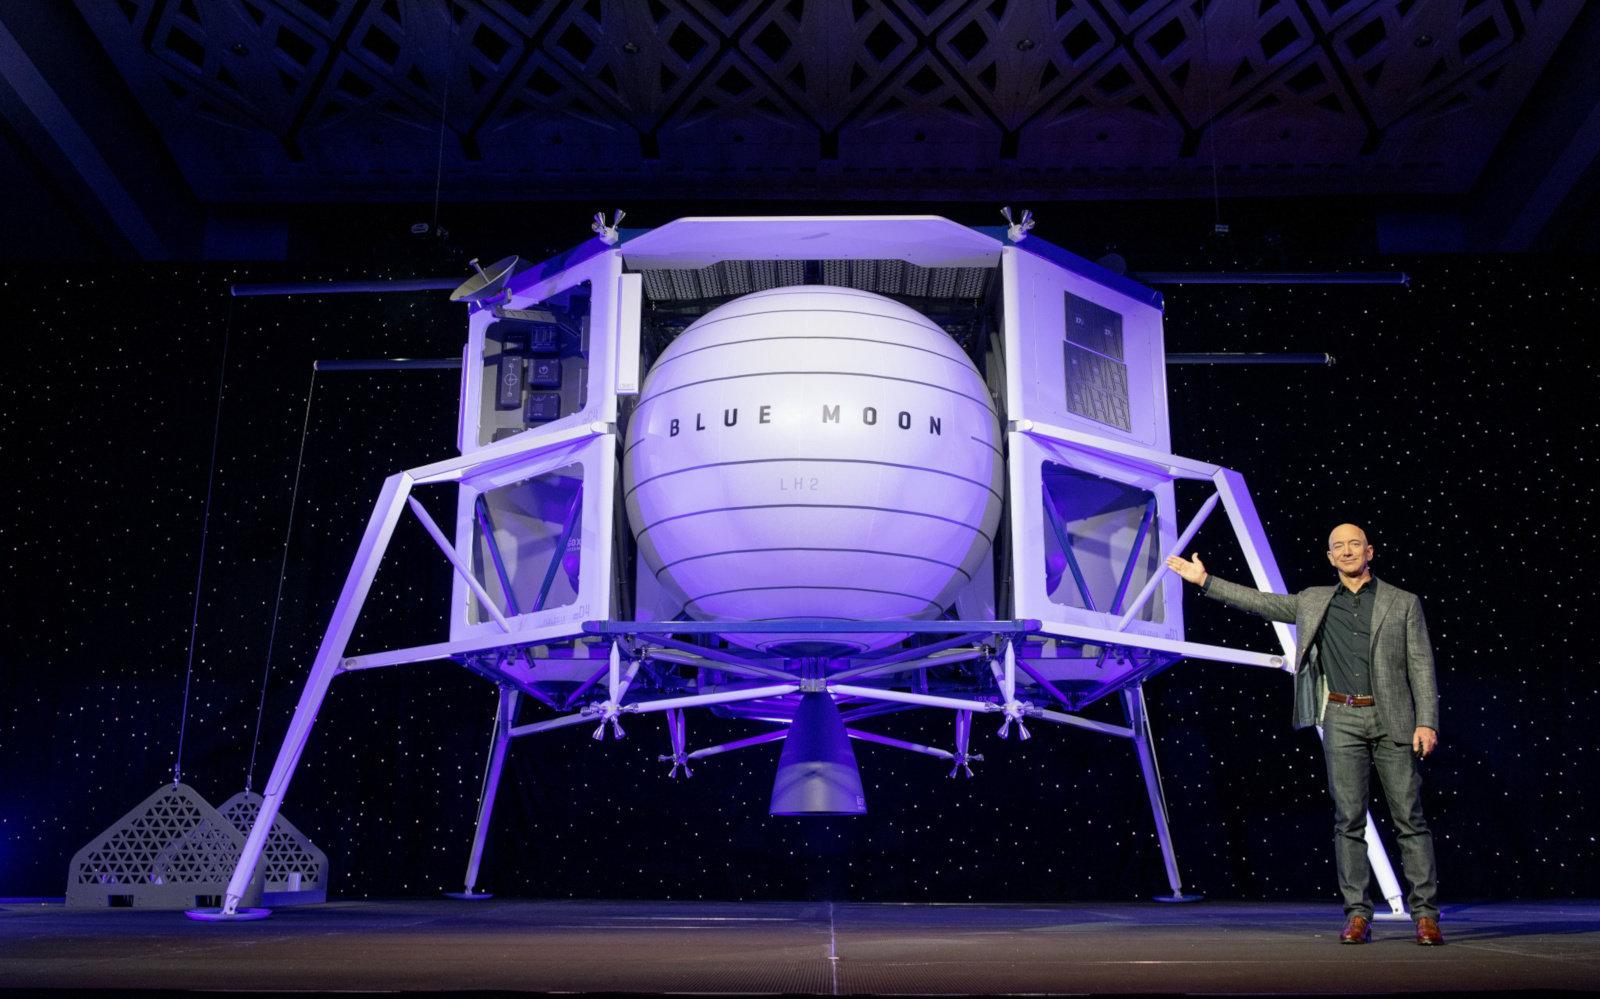 Jeff Bezos vil bosette mennesker på månen